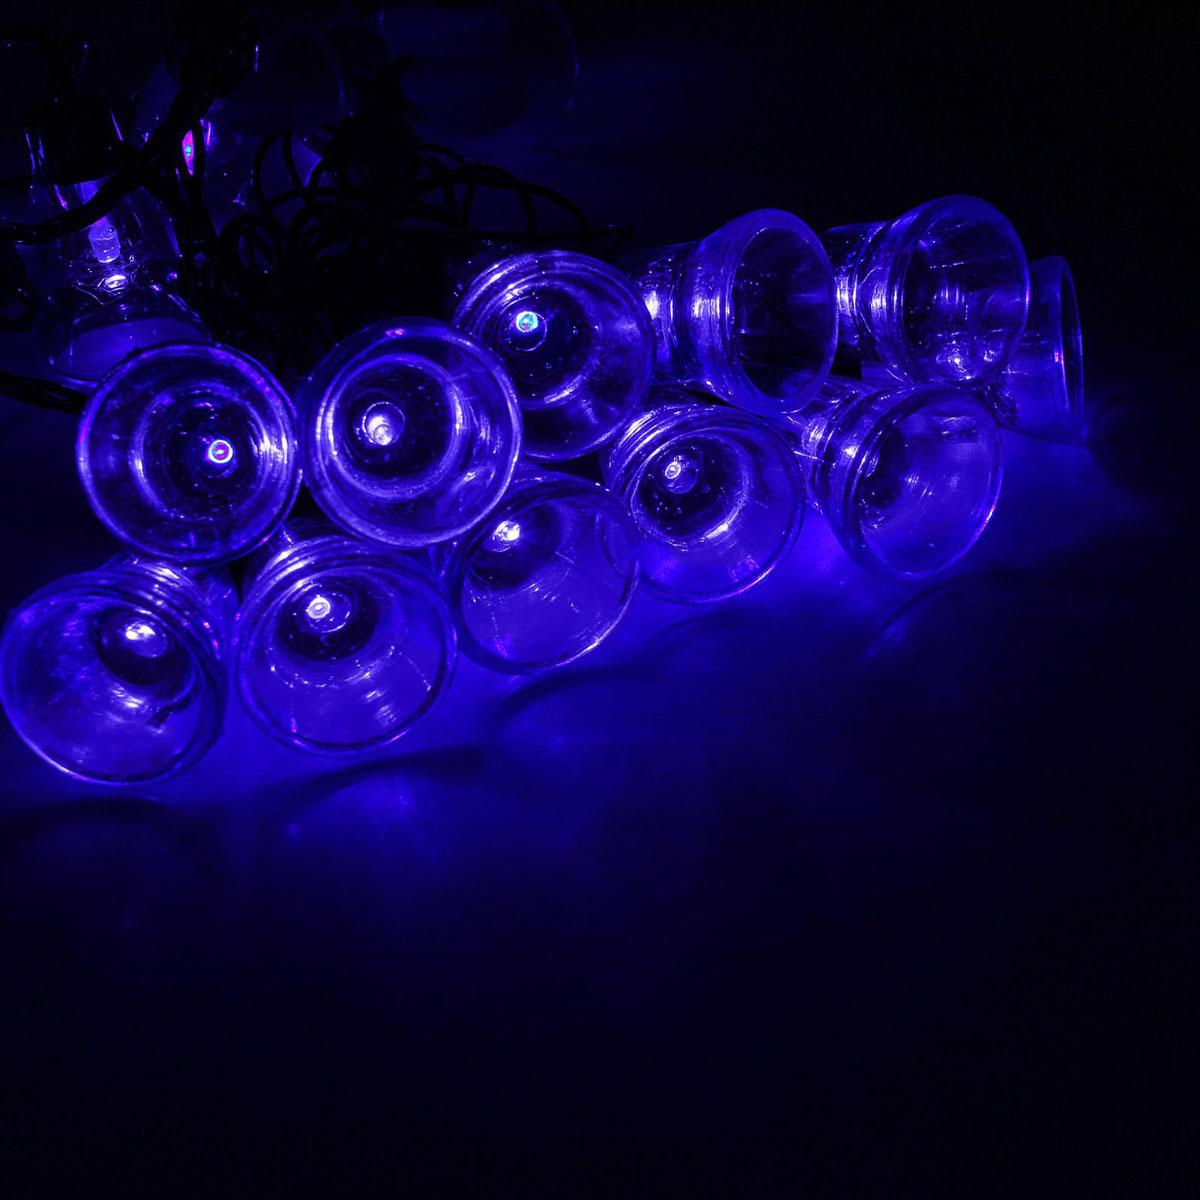 Гирлянда светодиодная Luazon Метраж. Колокол, уличная с насадкой, 8 режимов, 30 ламп, 220 V, 5 м, цвет: синий. 10801181080118Светодиодные гирлянды, ленты и т.д. — это отличный вариант для новогоднего оформления интерьера или фасада. С их помощью помещение любого размера можно превратить в праздничный зал, а внешние элементы зданий, украшенные ими, мгновенно станут напоминать очертания сказочного дворца. Такие украшения создают ауру предвкушения чуда. Деревья, фасады, витрины, окна и арки будто специально созданы, чтобы вы украсили их светящимися нитями.